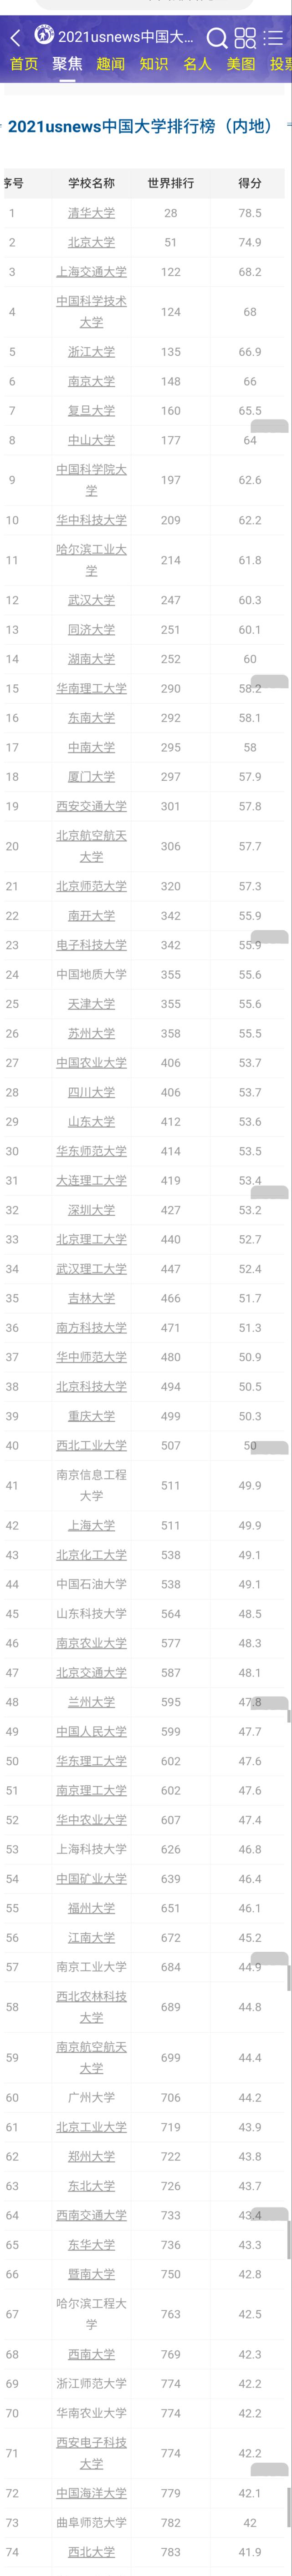 2021国内大学排行榜,中山大学跃居第8